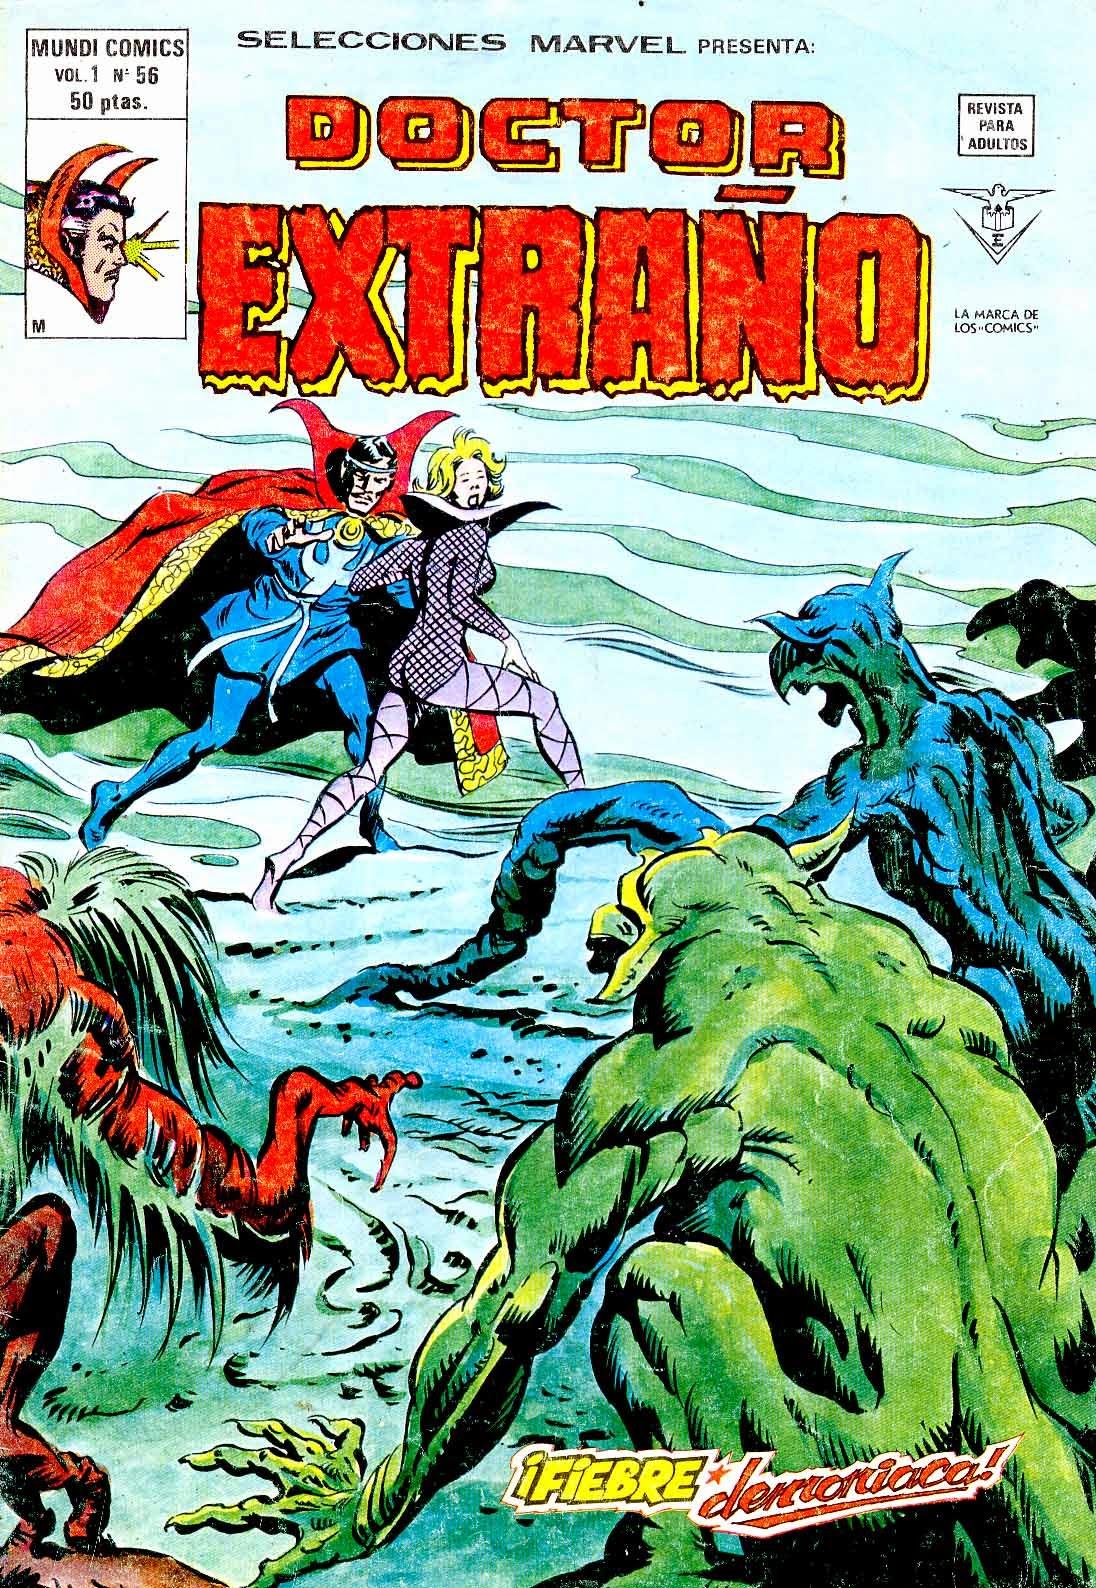 Portada Selecciones Marvel Volumen 1 Nº 56 Ediciones Vértice